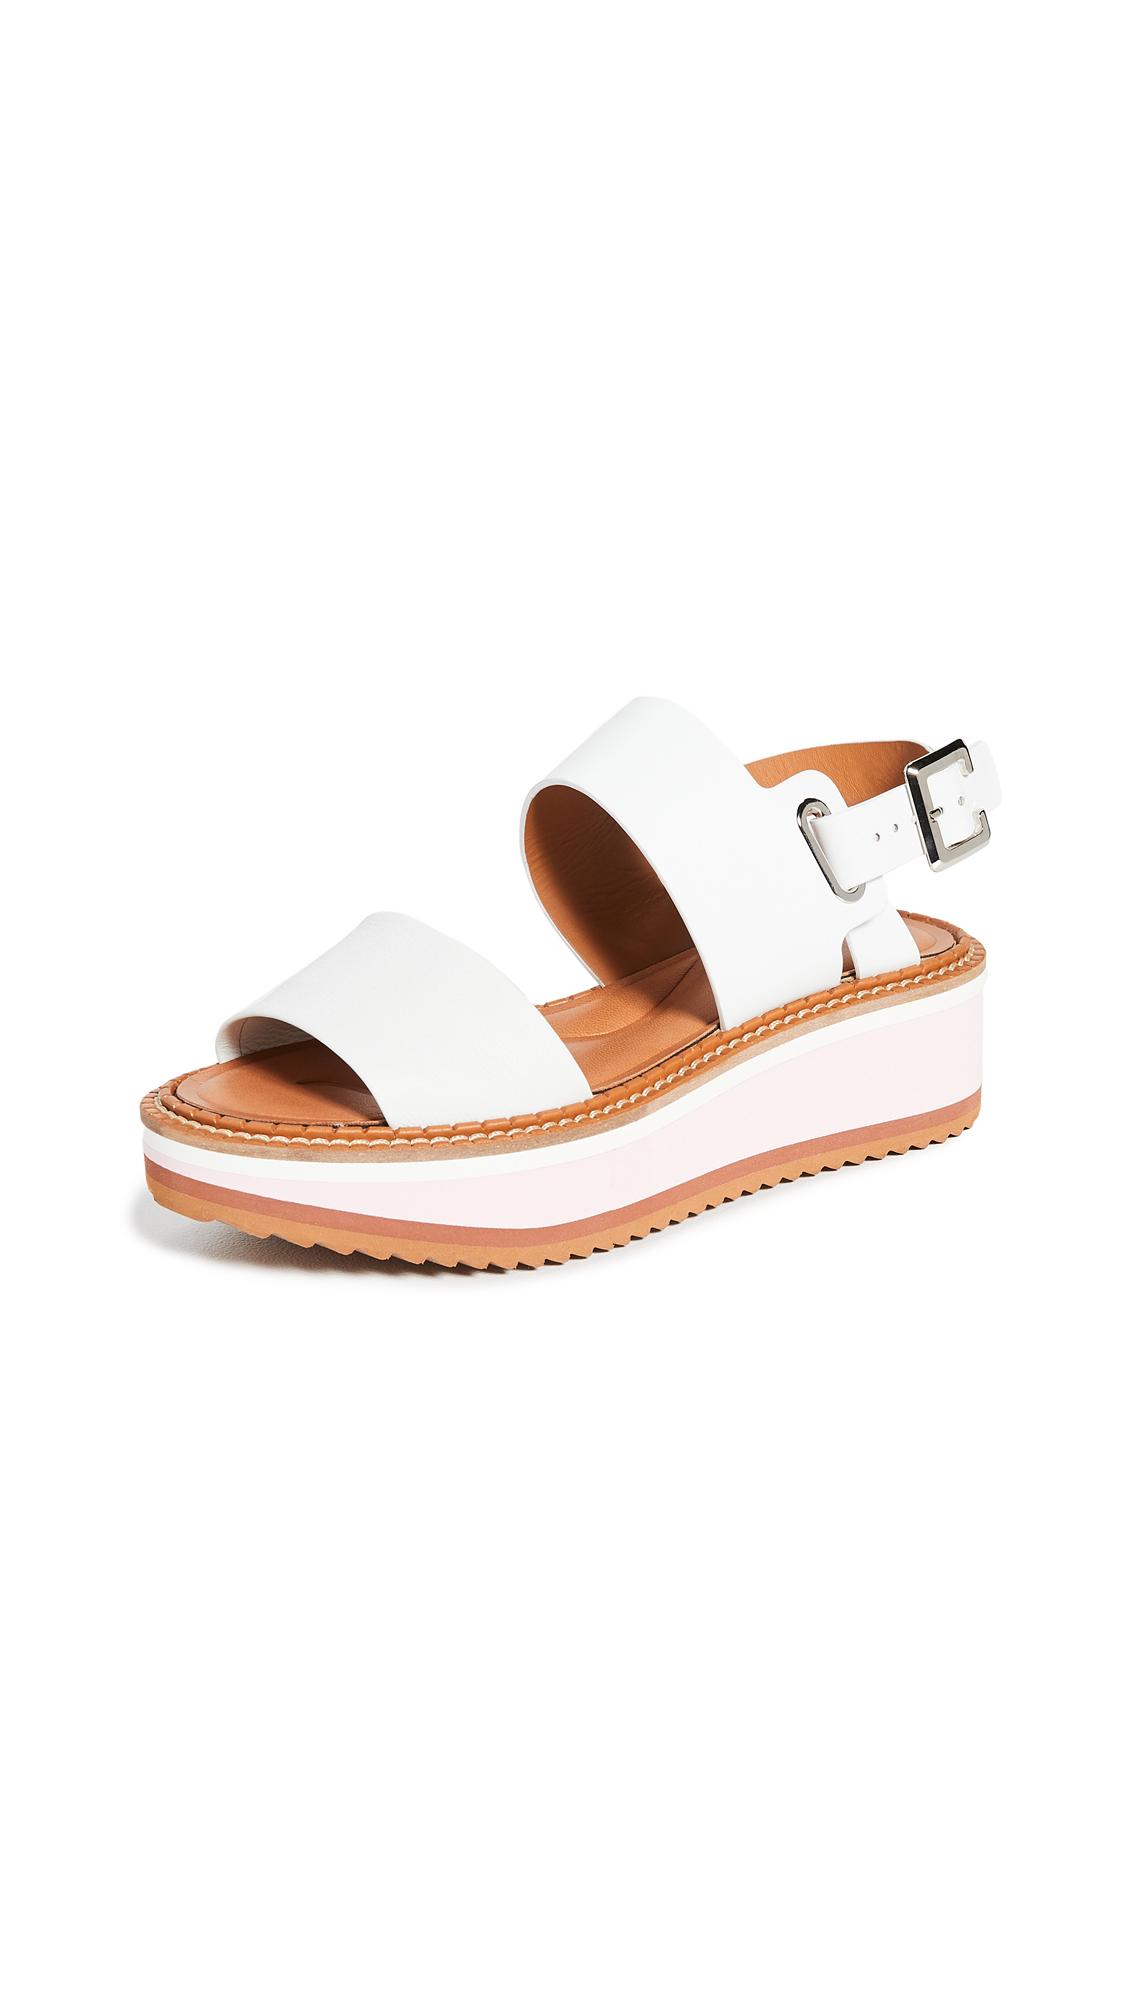 Clergerie Fleur Sandals